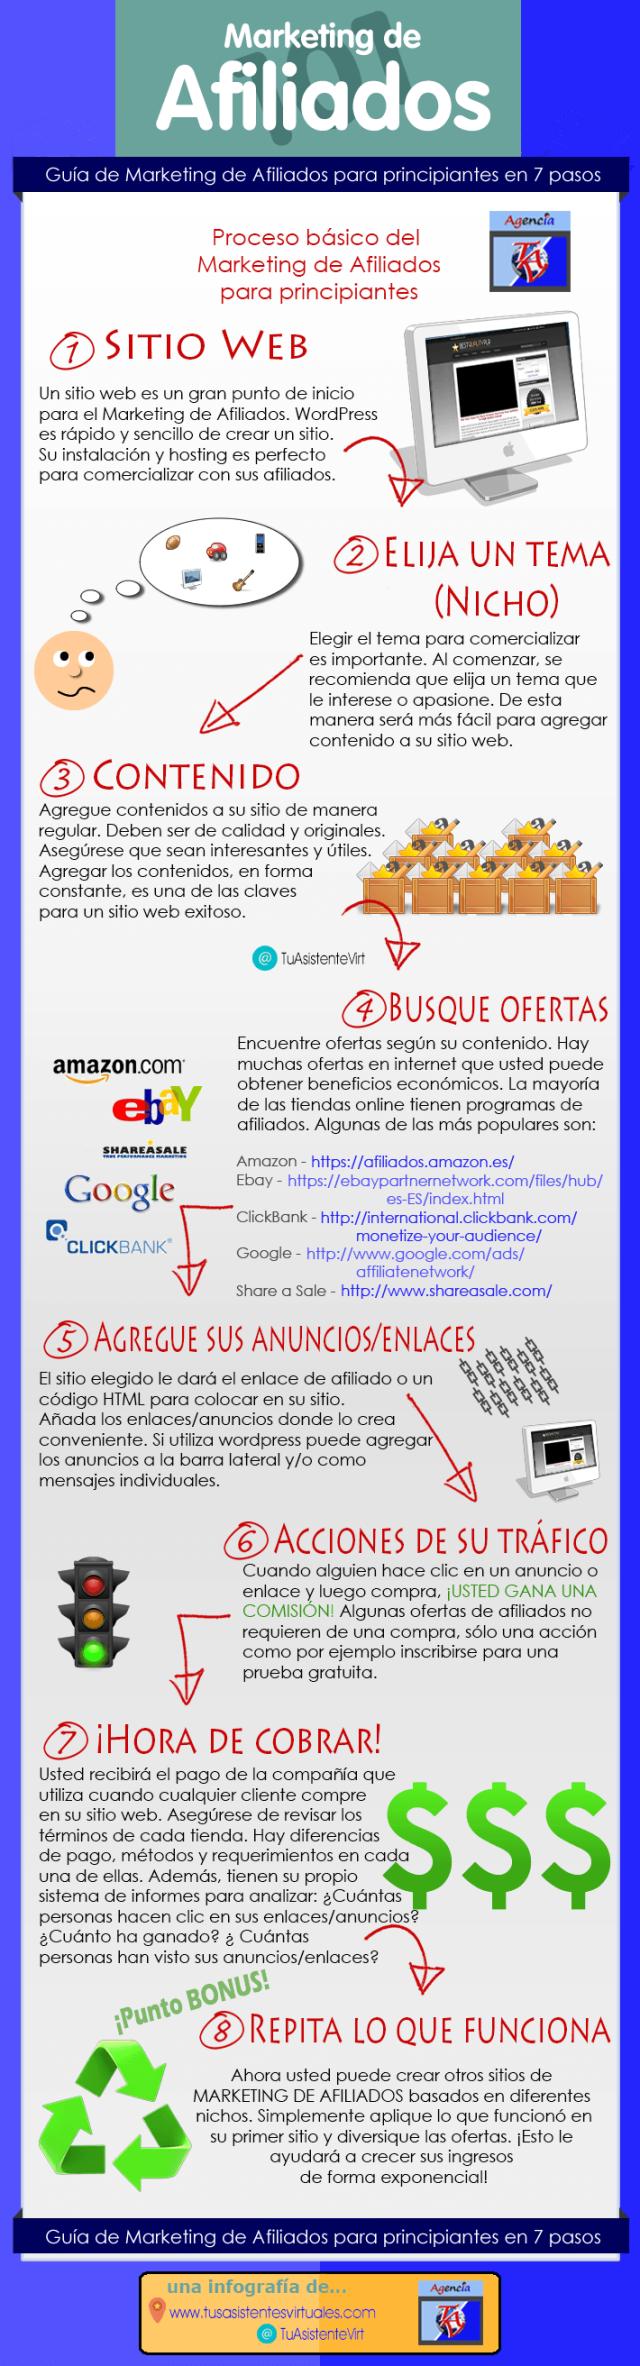 Marketing de afiliados (Infografía)